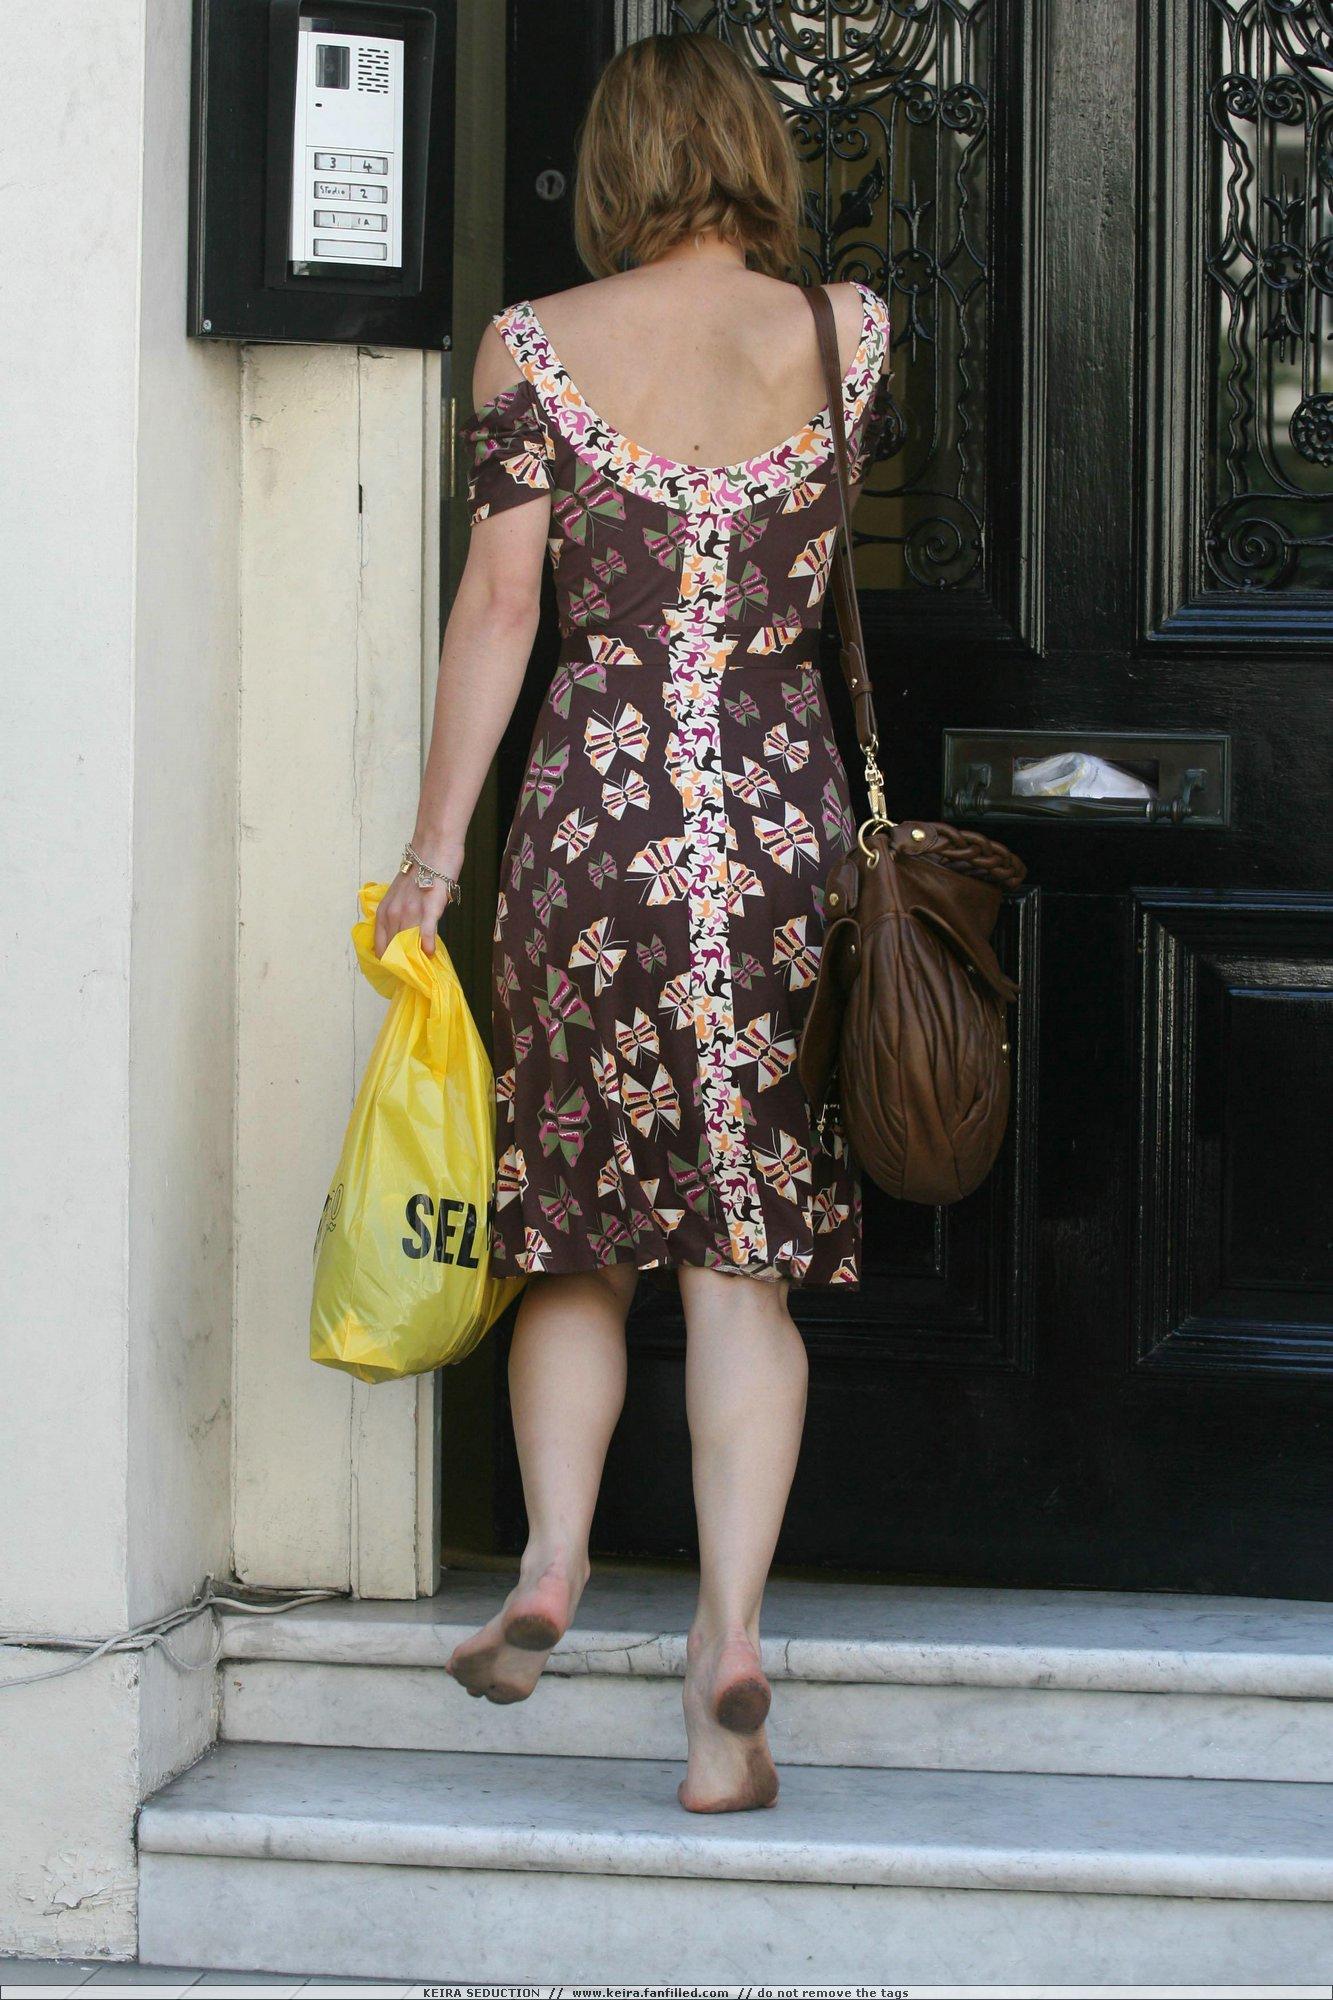 http://pics.wikifeet.com/Keira-Knightley-Feet-245473.jpg